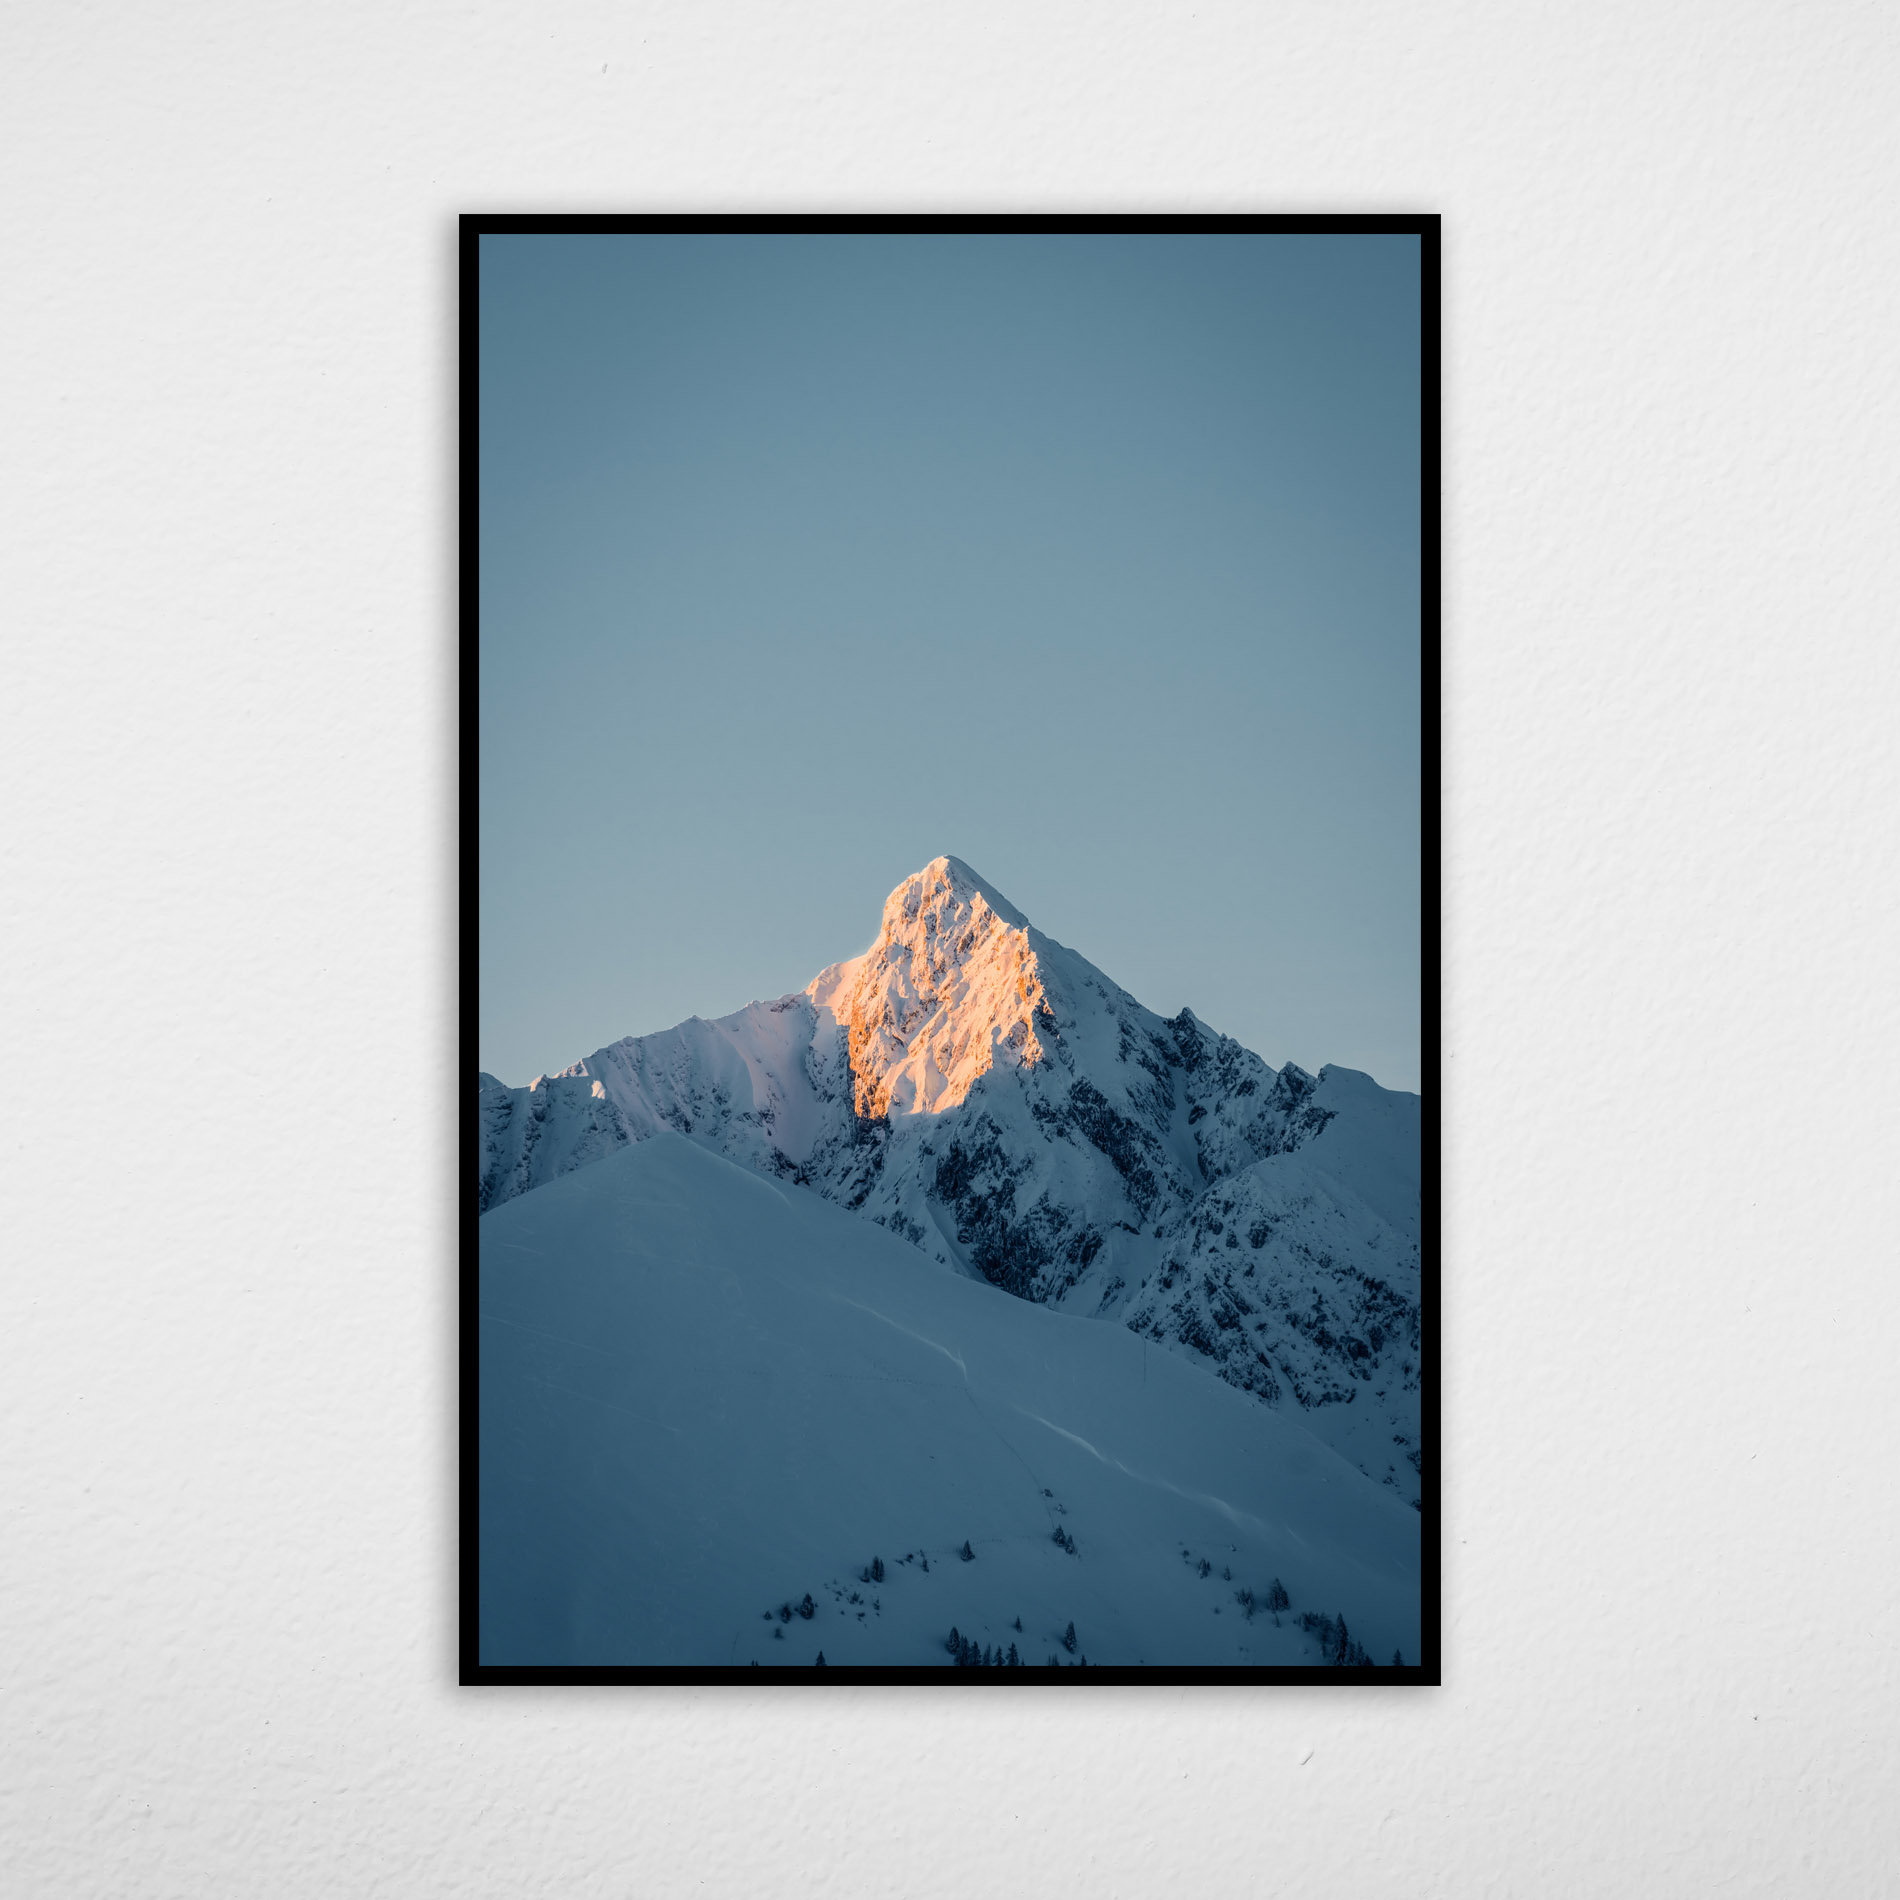 Quadro Montanha de Neve